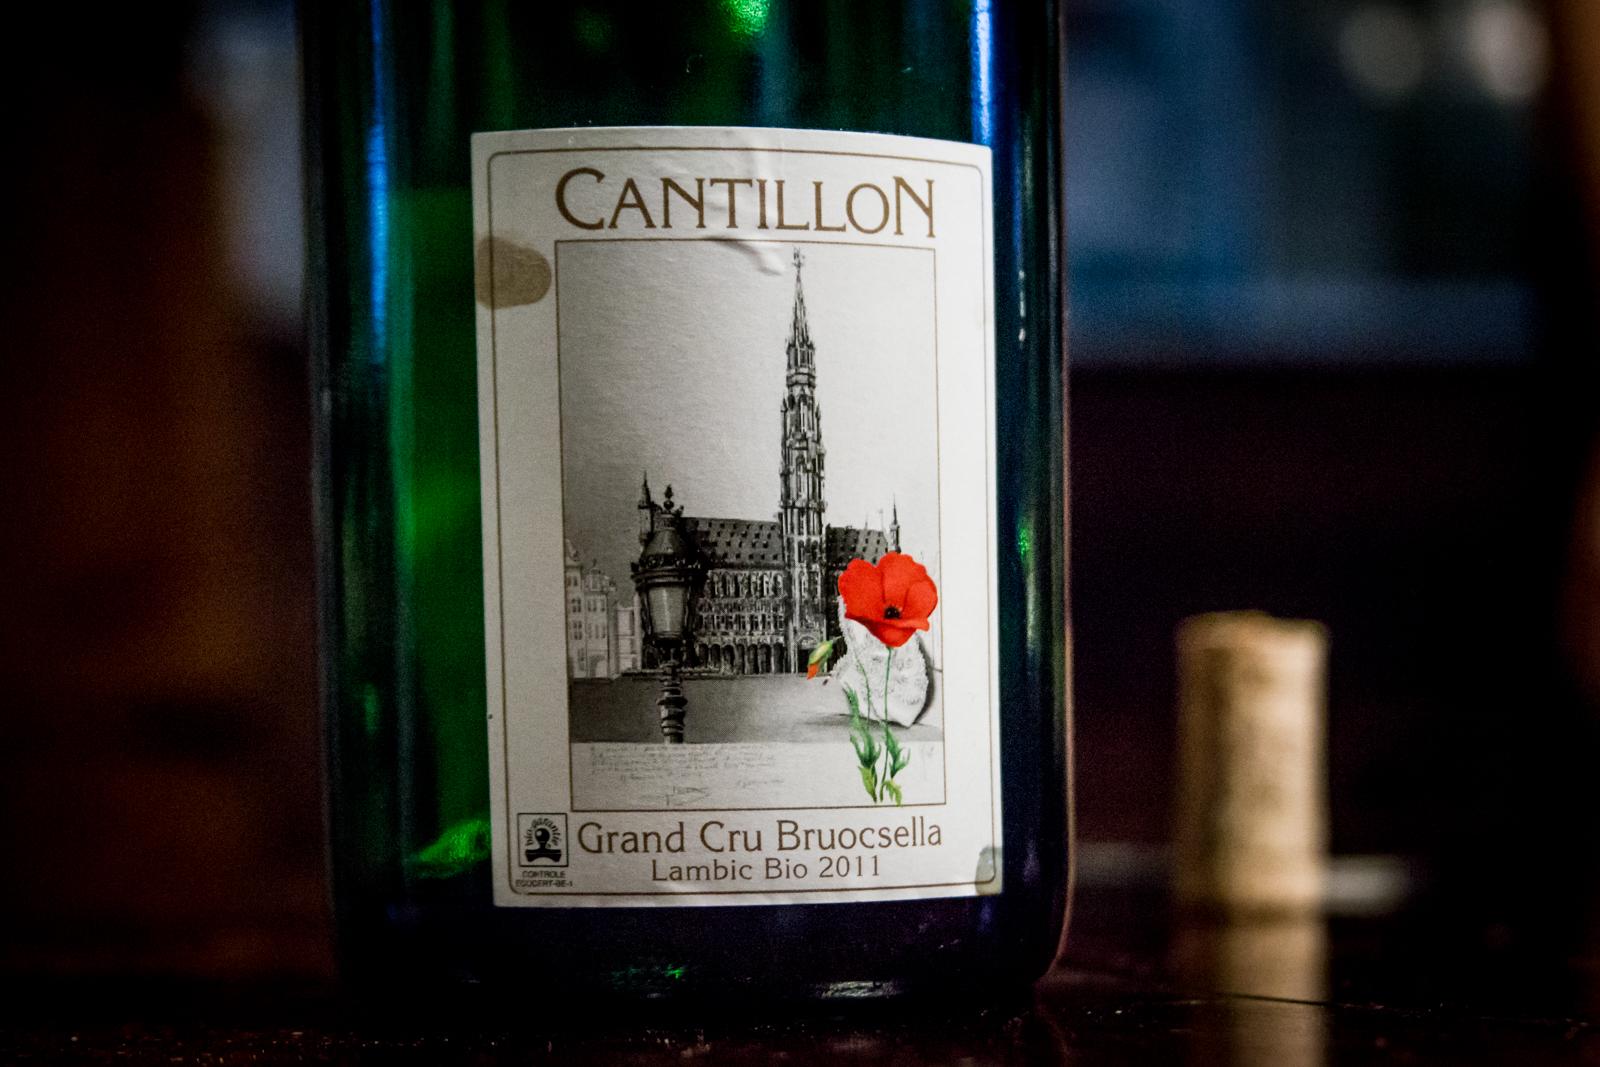 Cantillon - Grand Cru Bruocsella